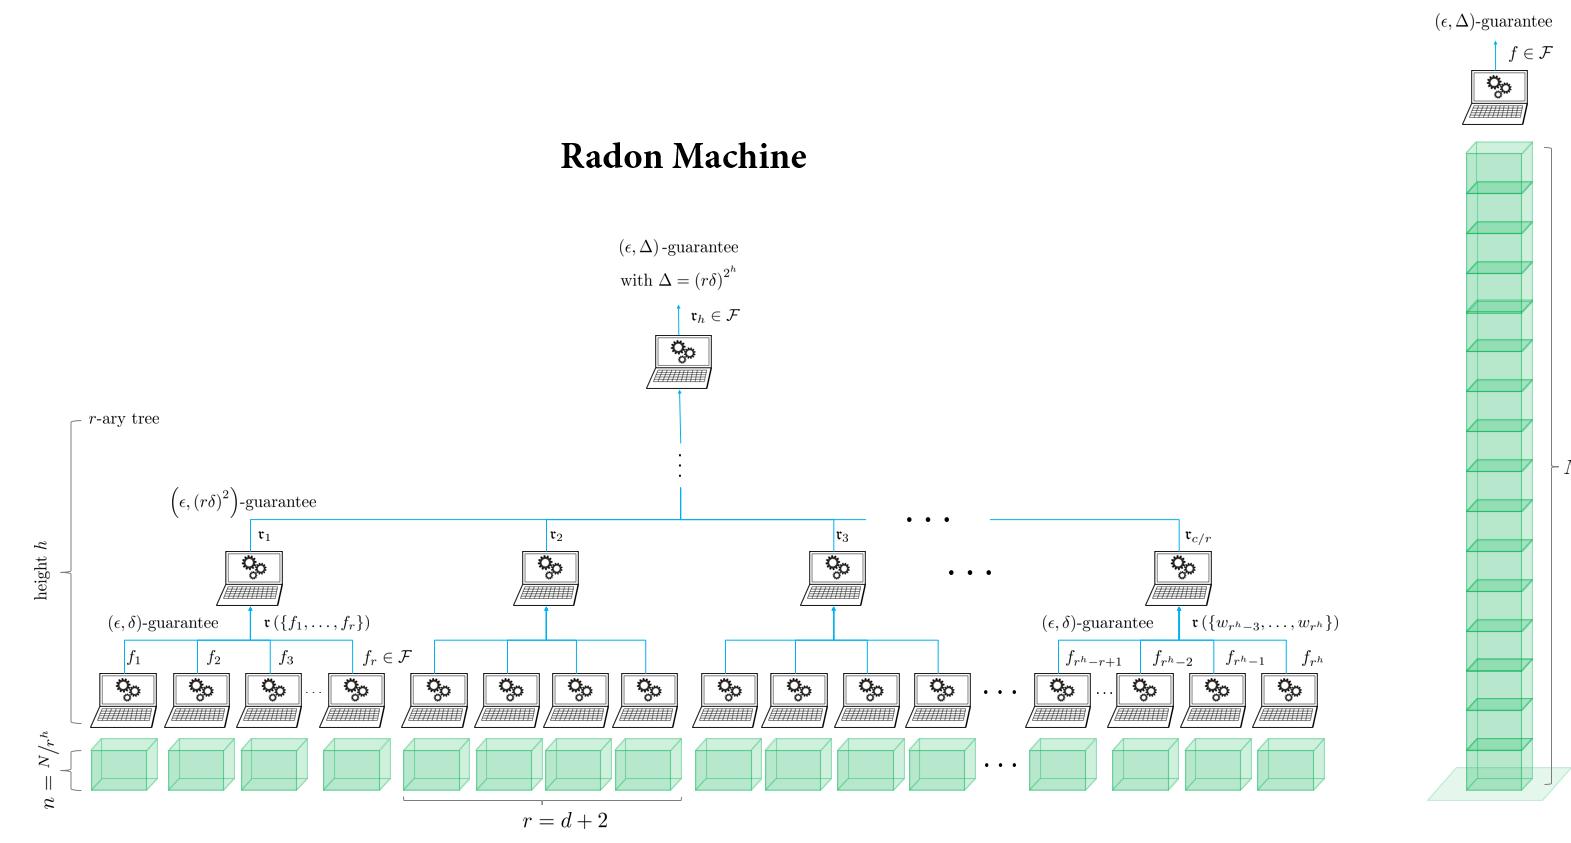 Schema of the Radon machine.